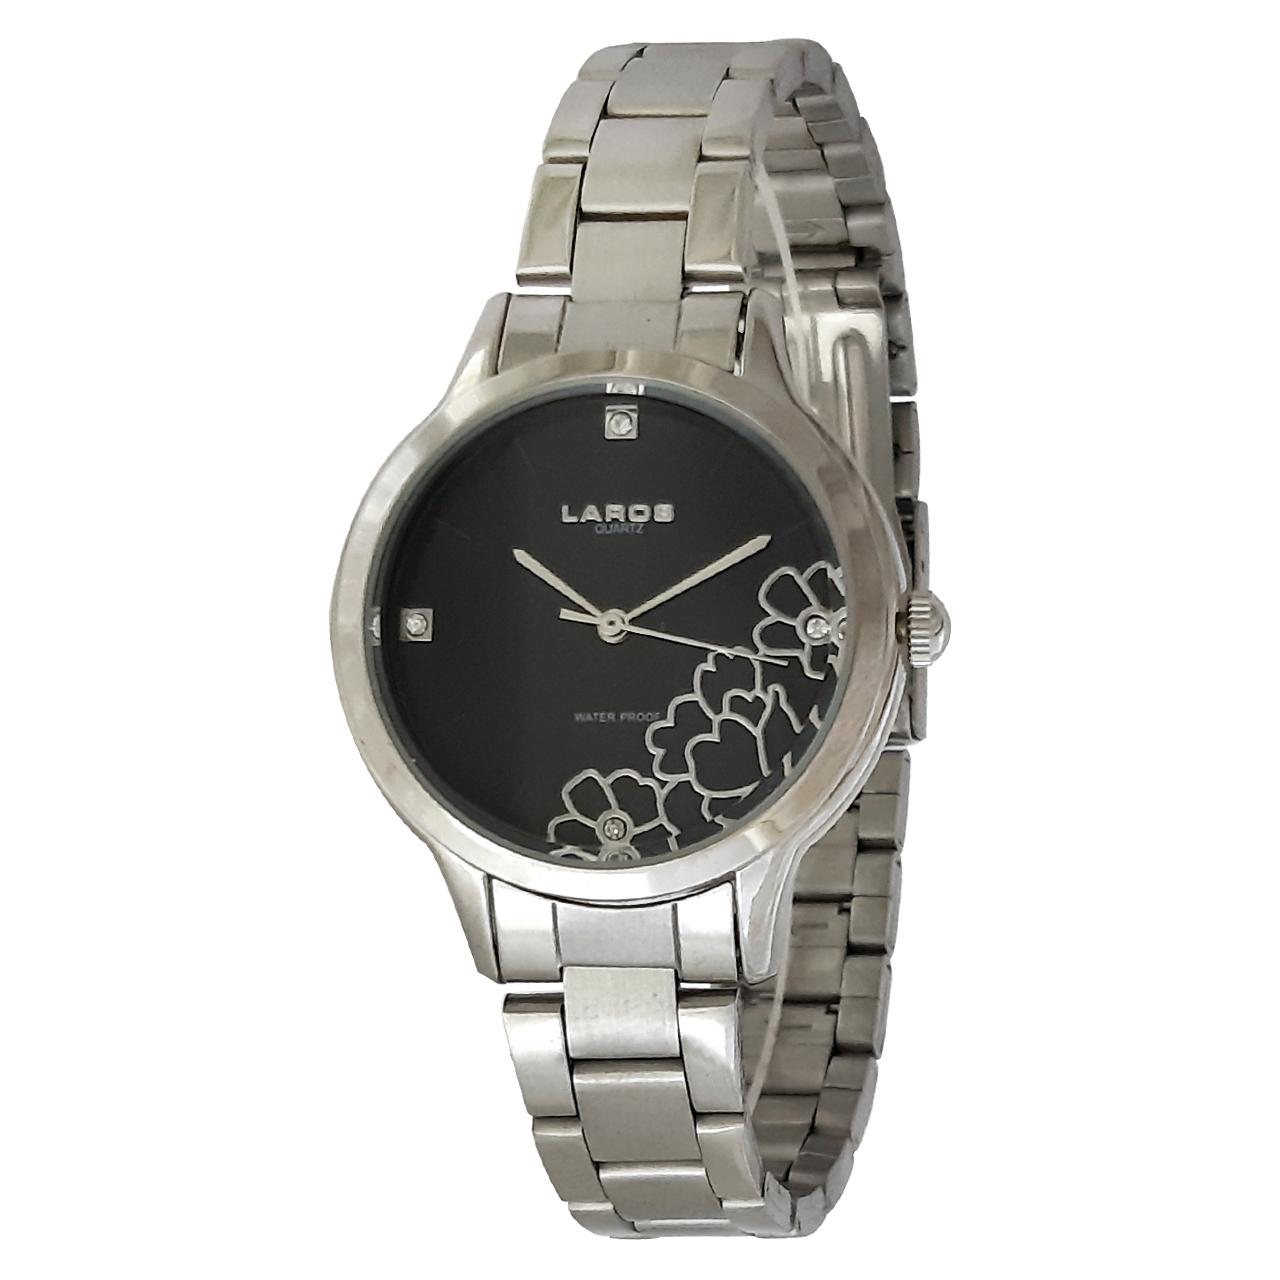 ساعت مچی عقربه ای زنانه لاروس مدل 0416-79828 به همراه دستمال مخصوص برند کلین واچ 25